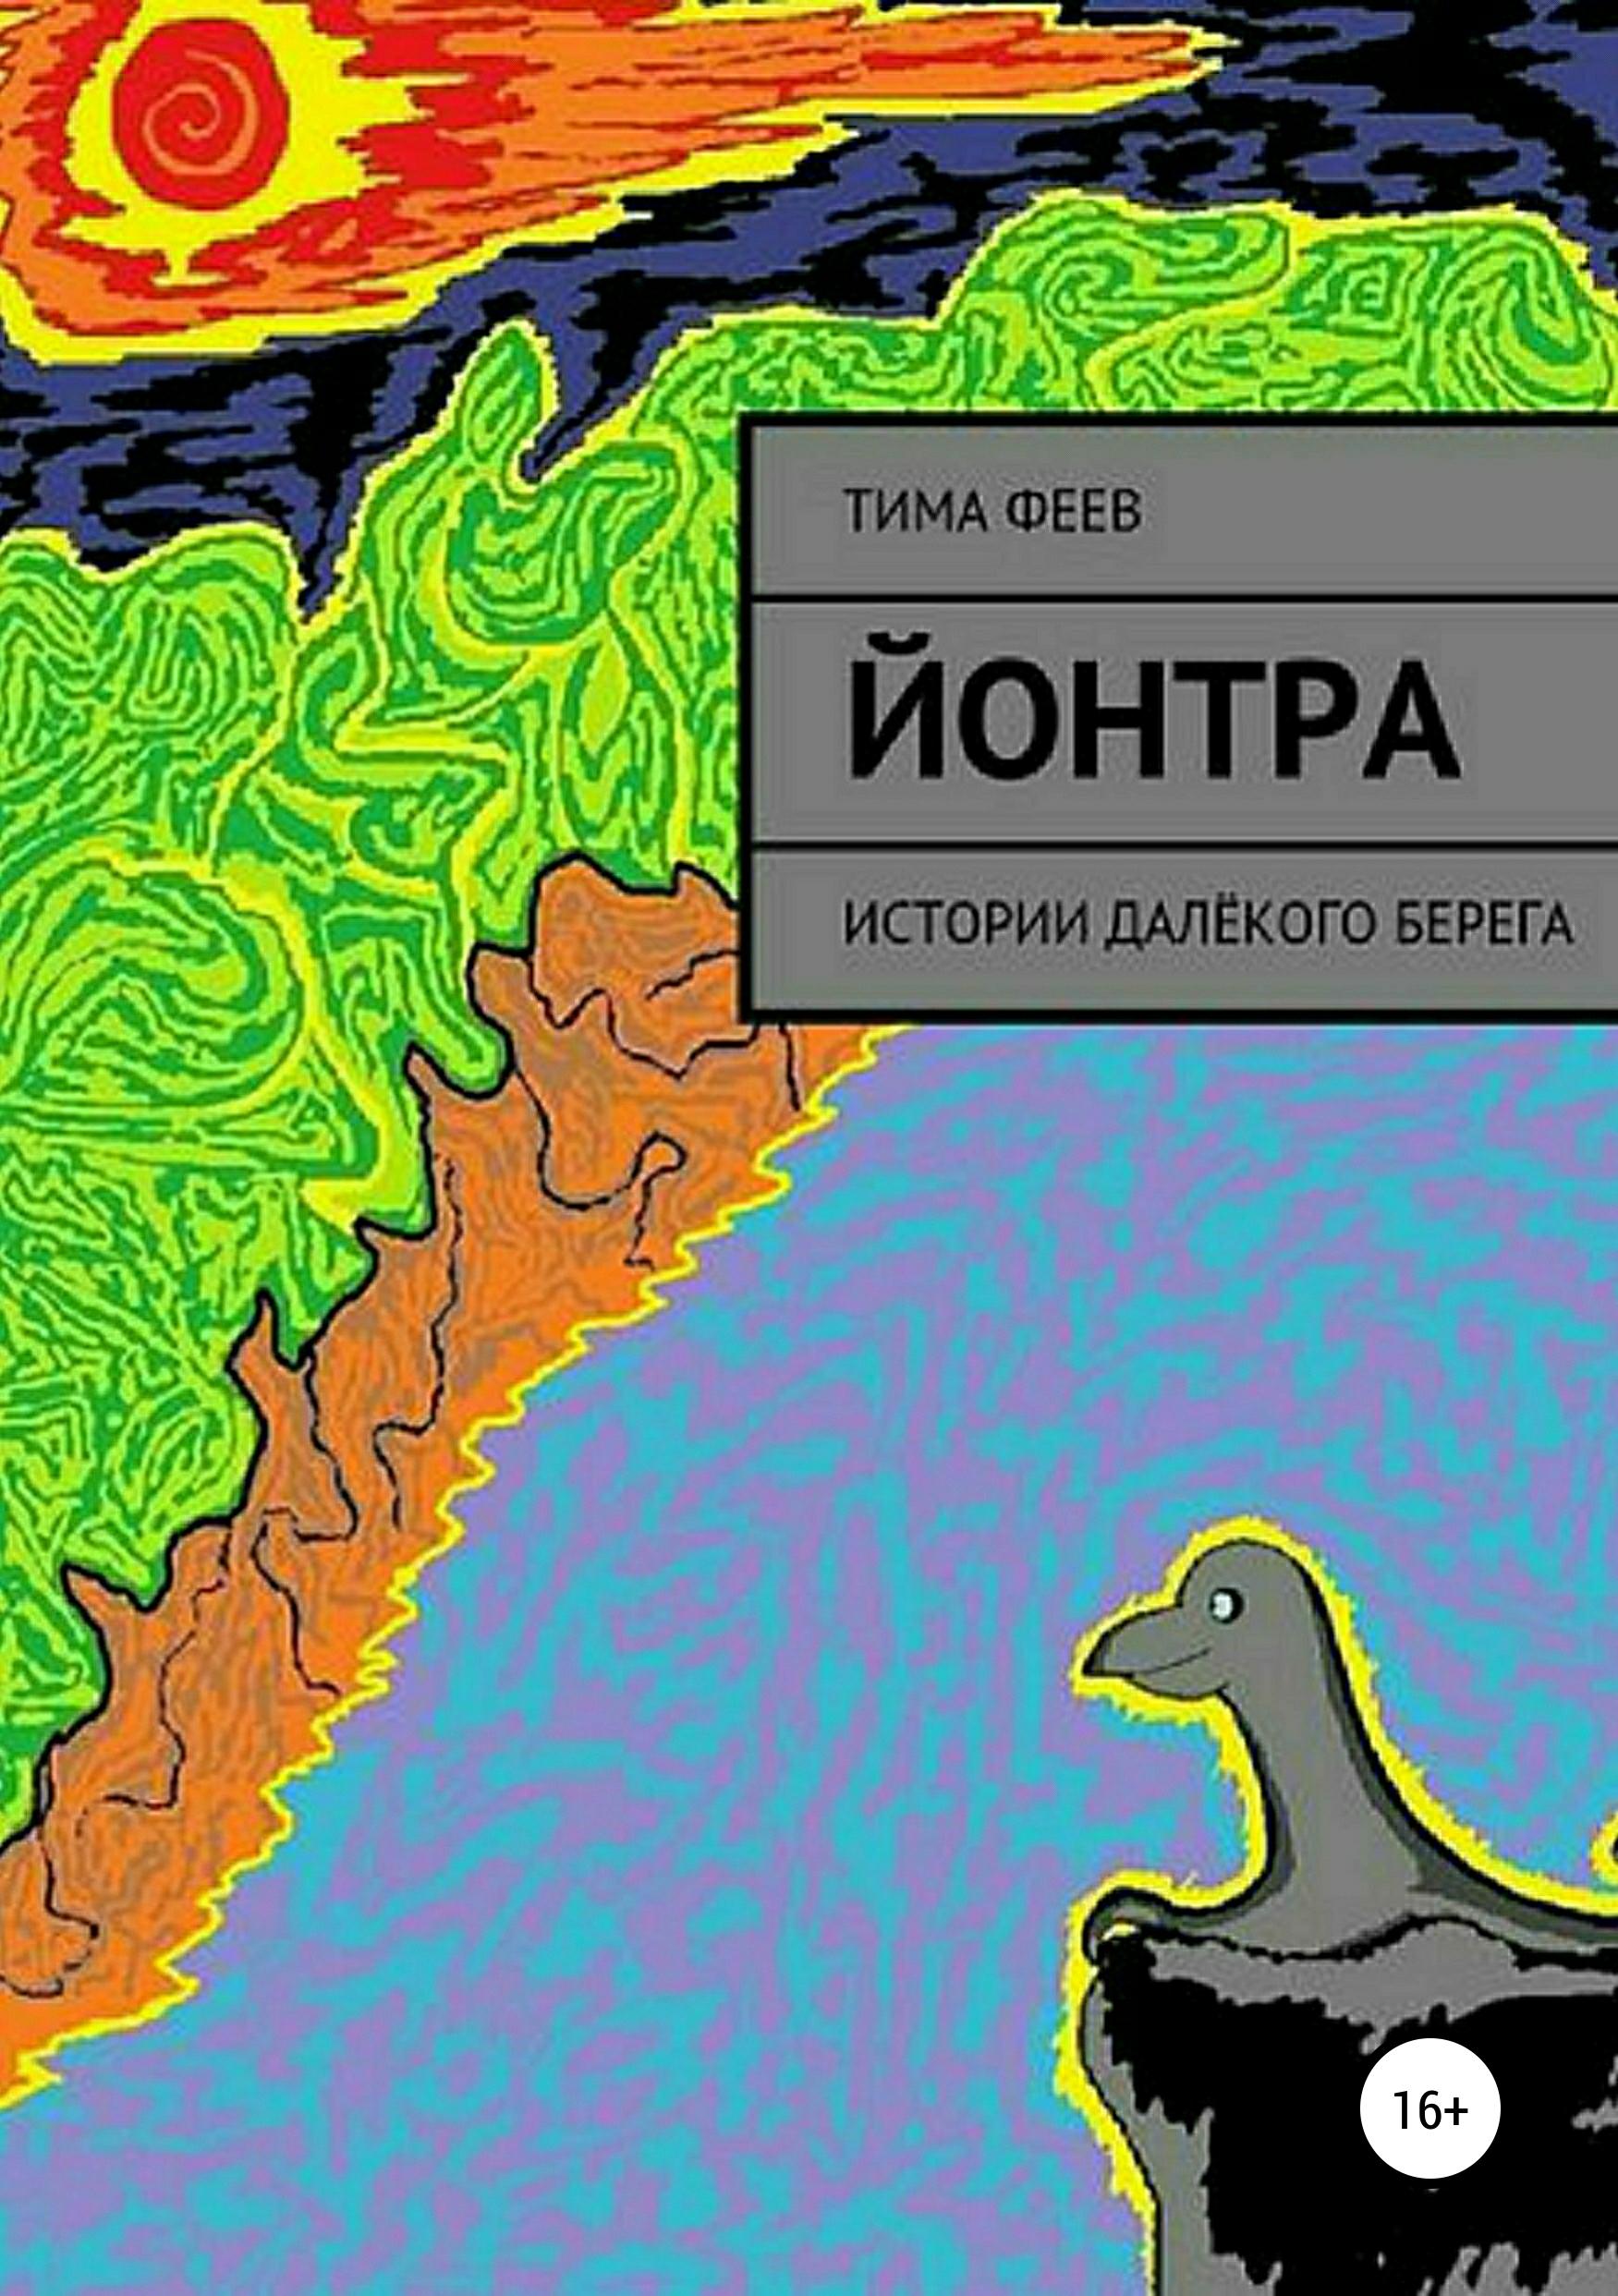 Тима Феев «Йонтра»